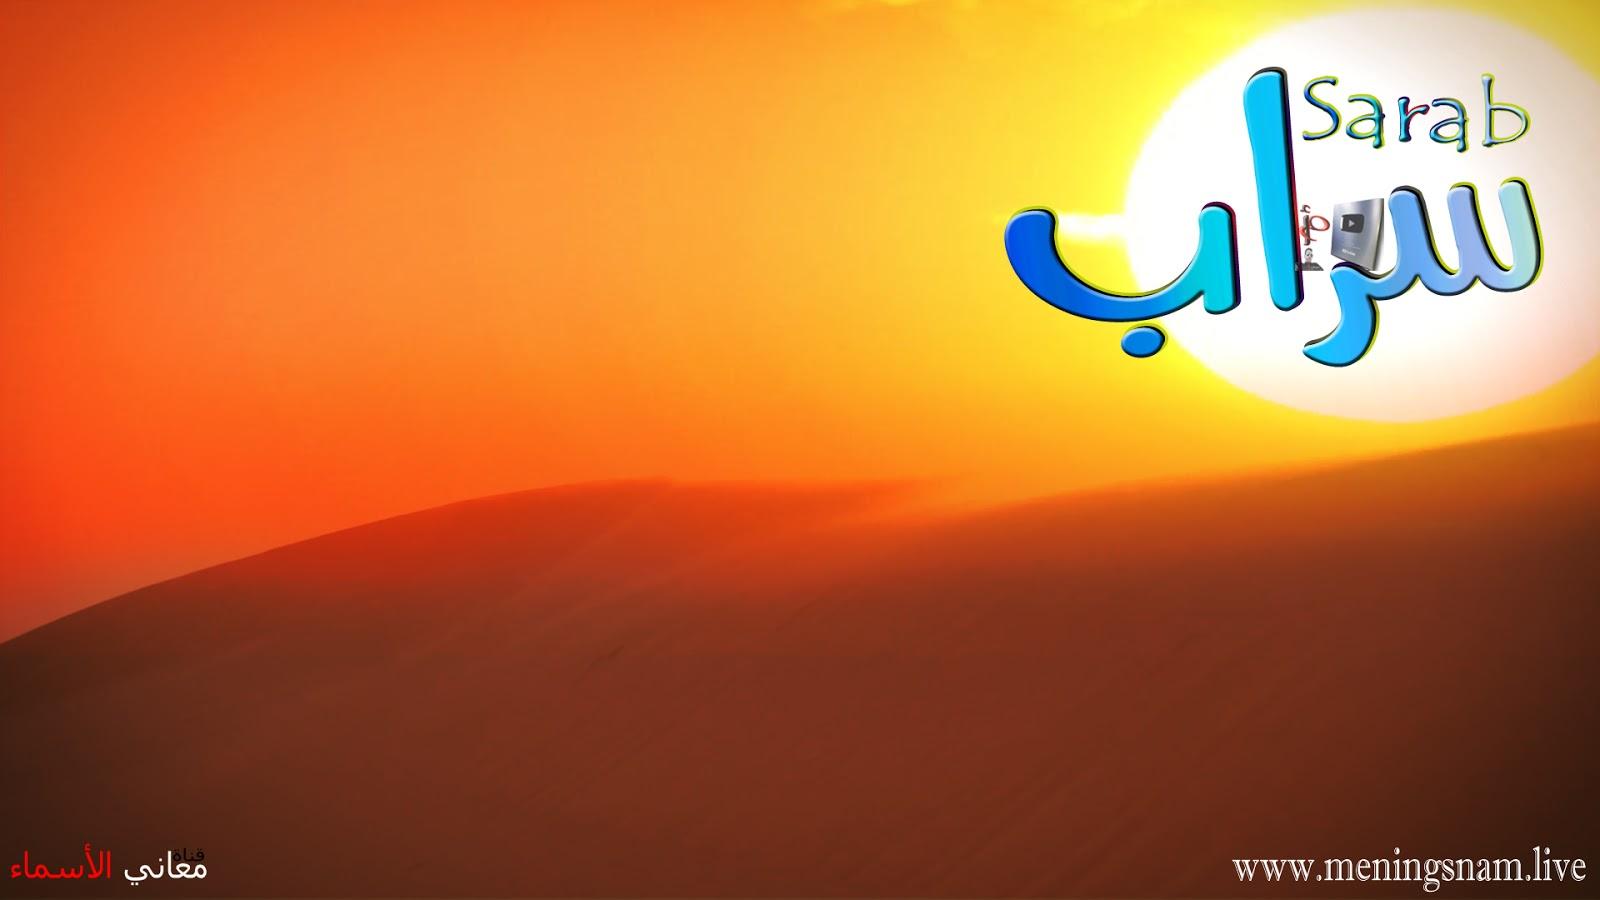 معنى اسم سراب وصفات حاملة هذا الاسم Sarab معاني الأسماء ومعاني الكلمات وتفسير القرآن الكريم